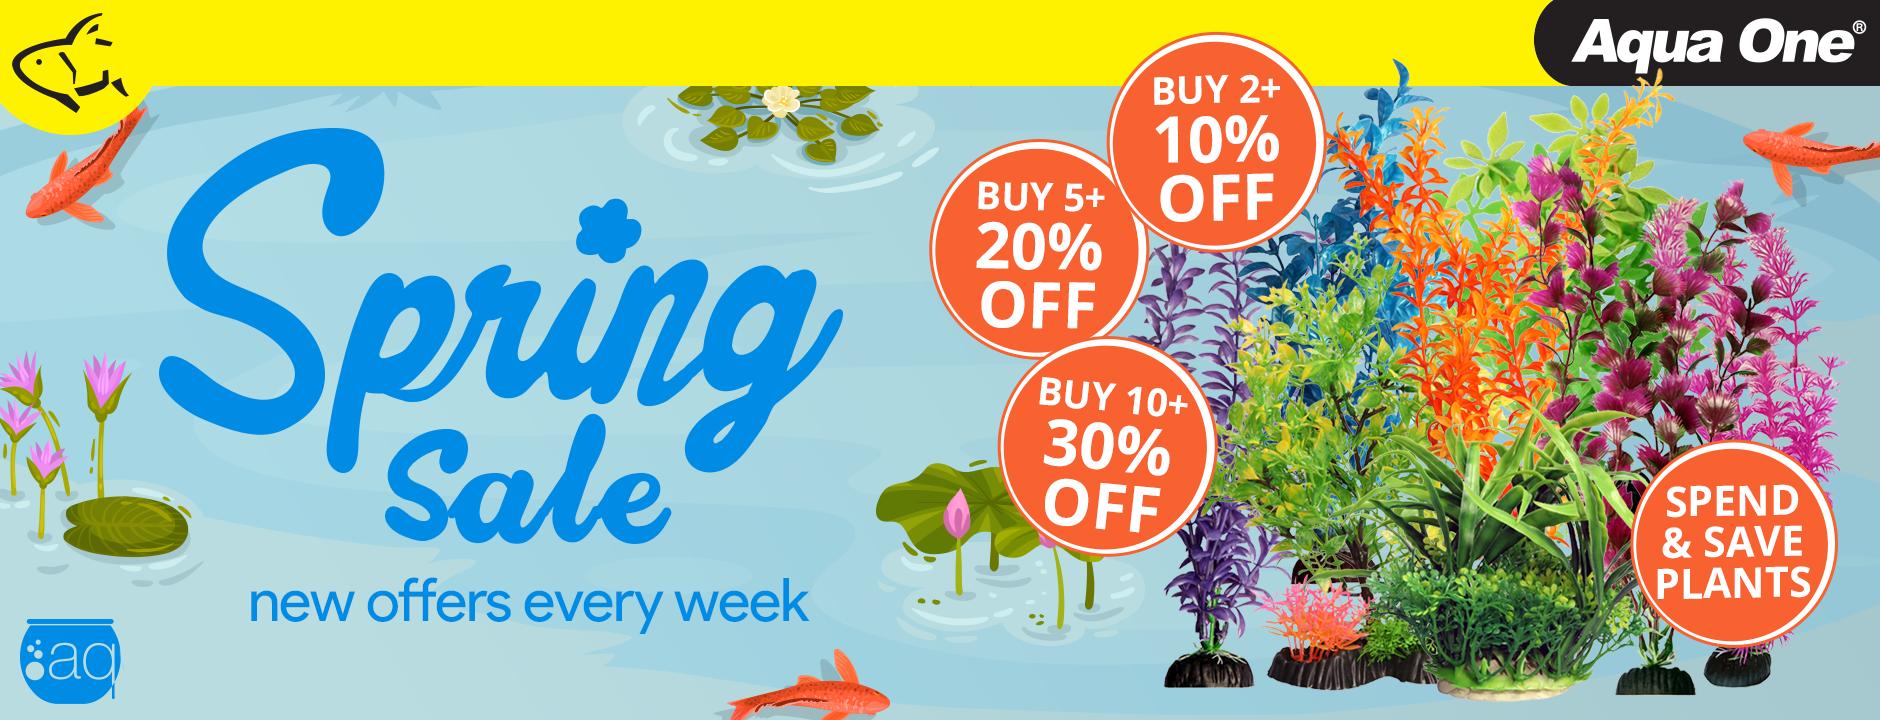 spring-sale-2021-banner-offer-7.png